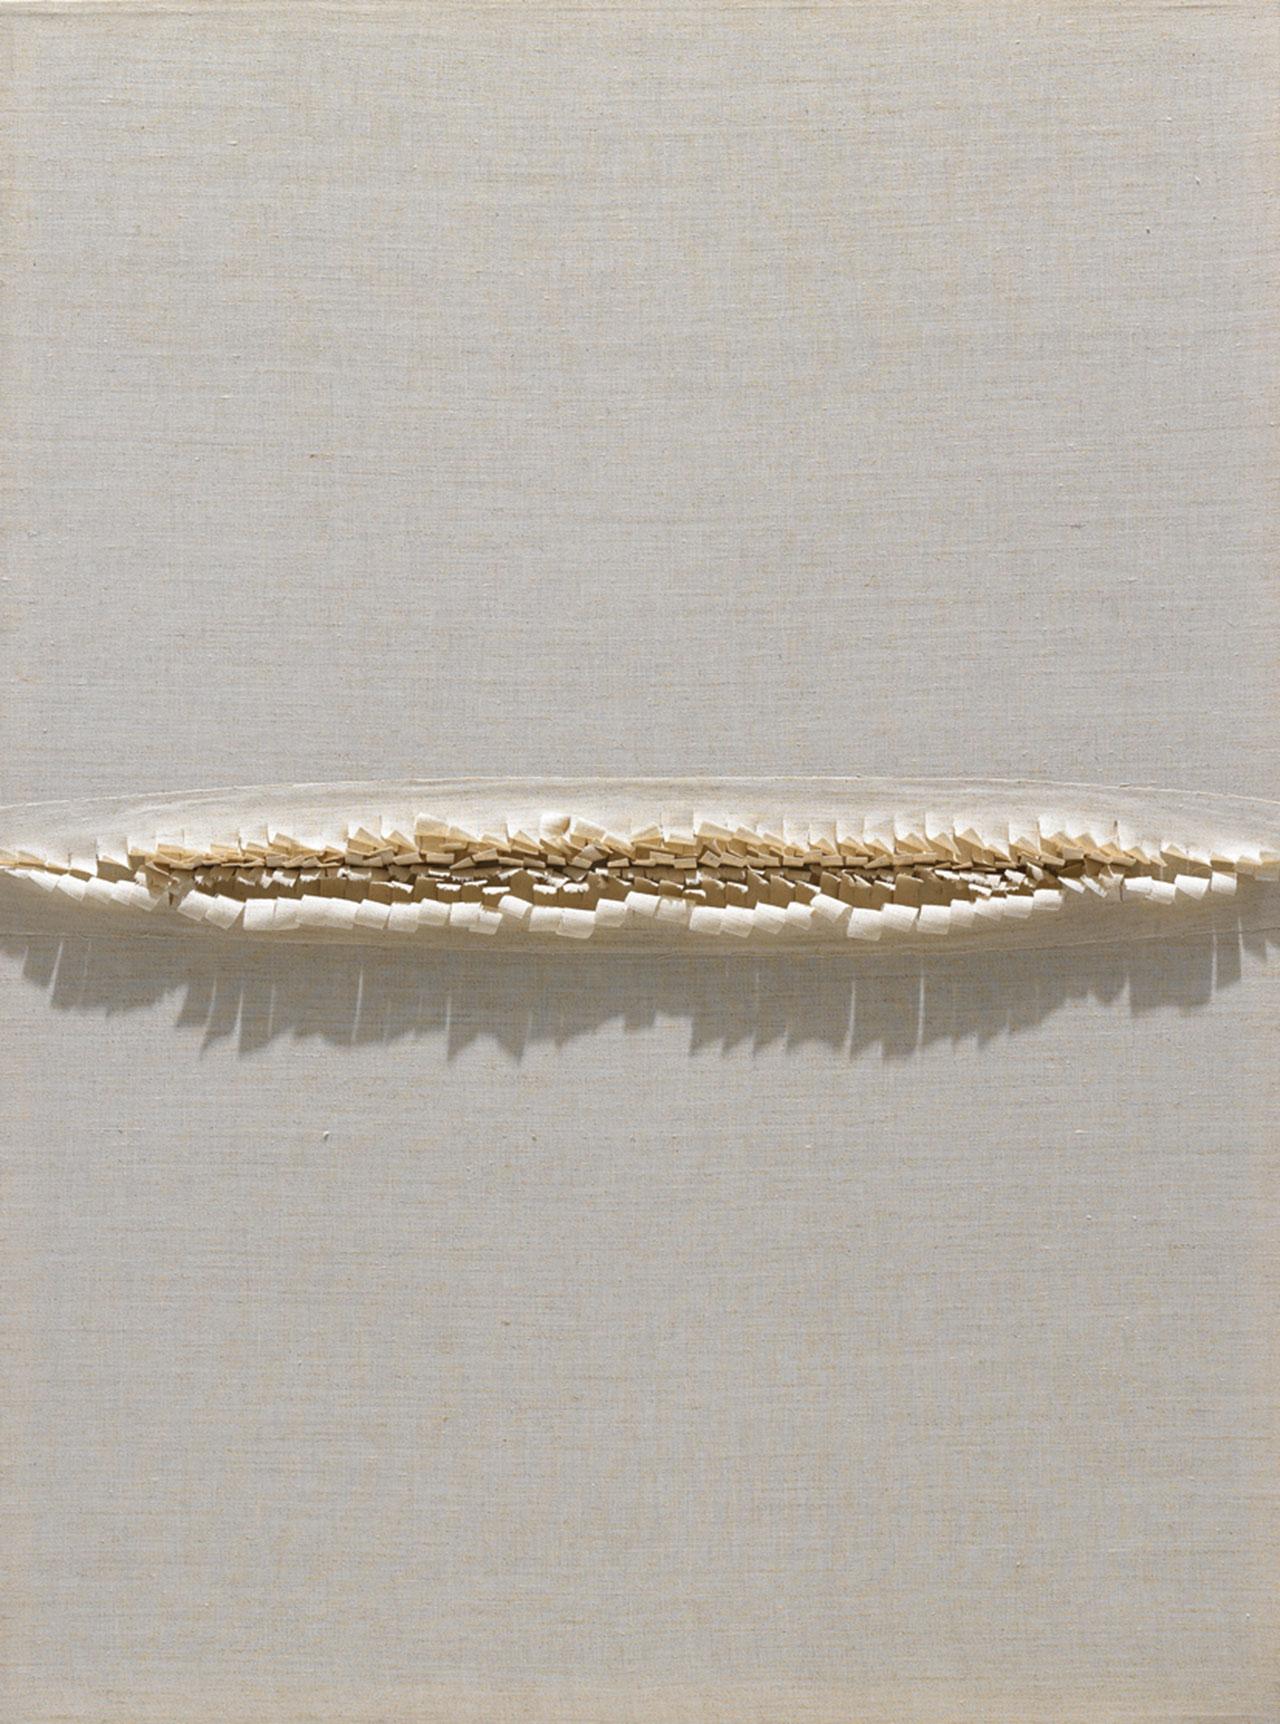 朱為白 智慧種子 麻 108x80cm